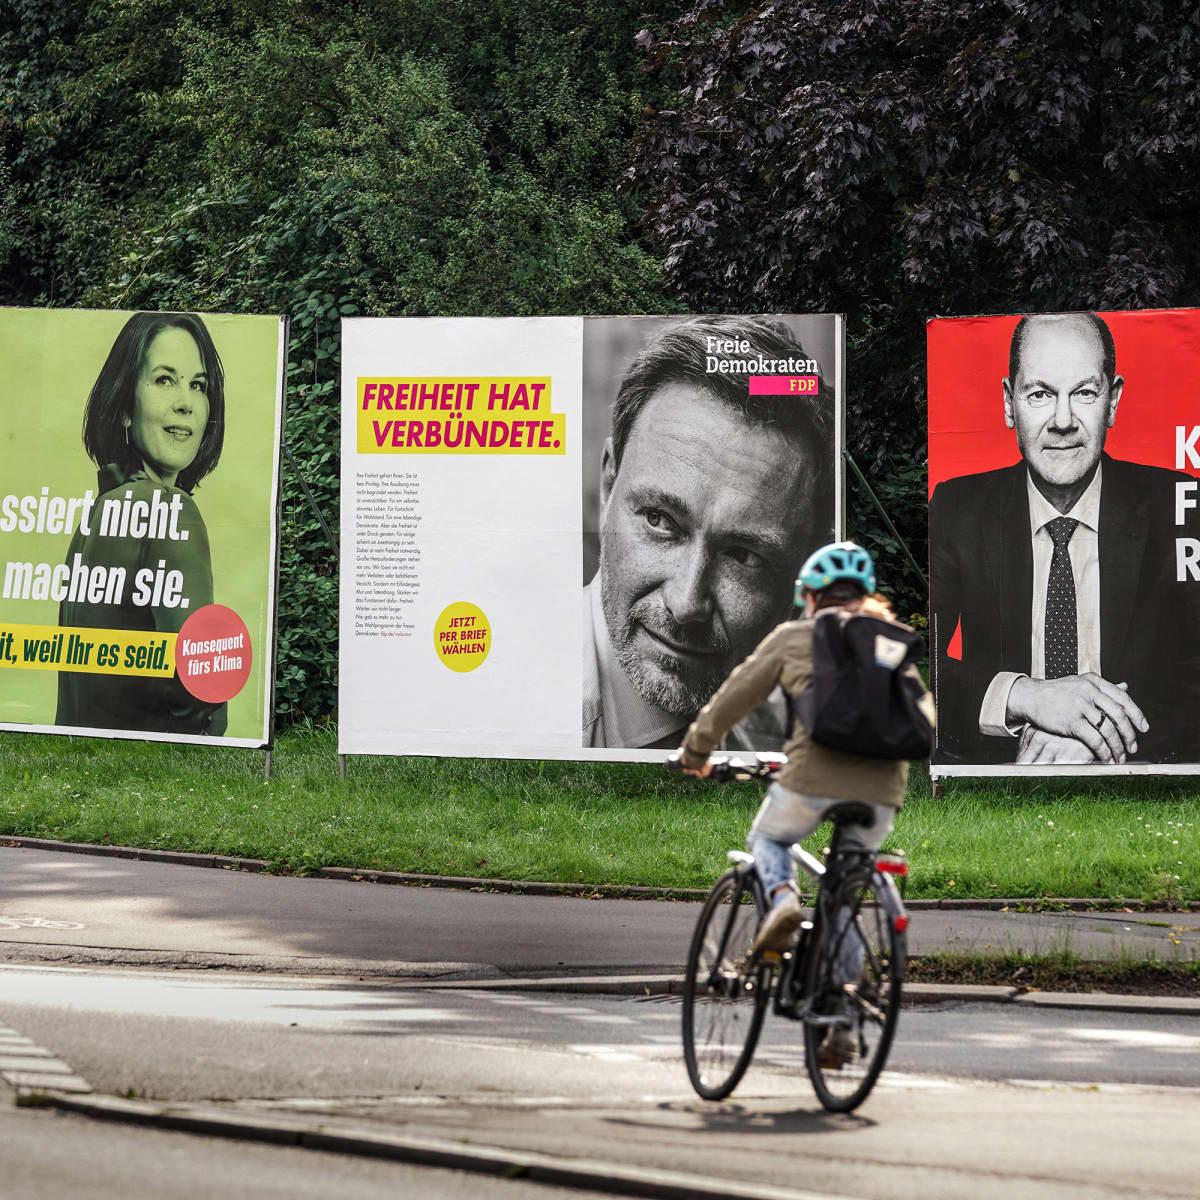 Polkupyöräilijä polkee vaalijulisteiden ohtise.